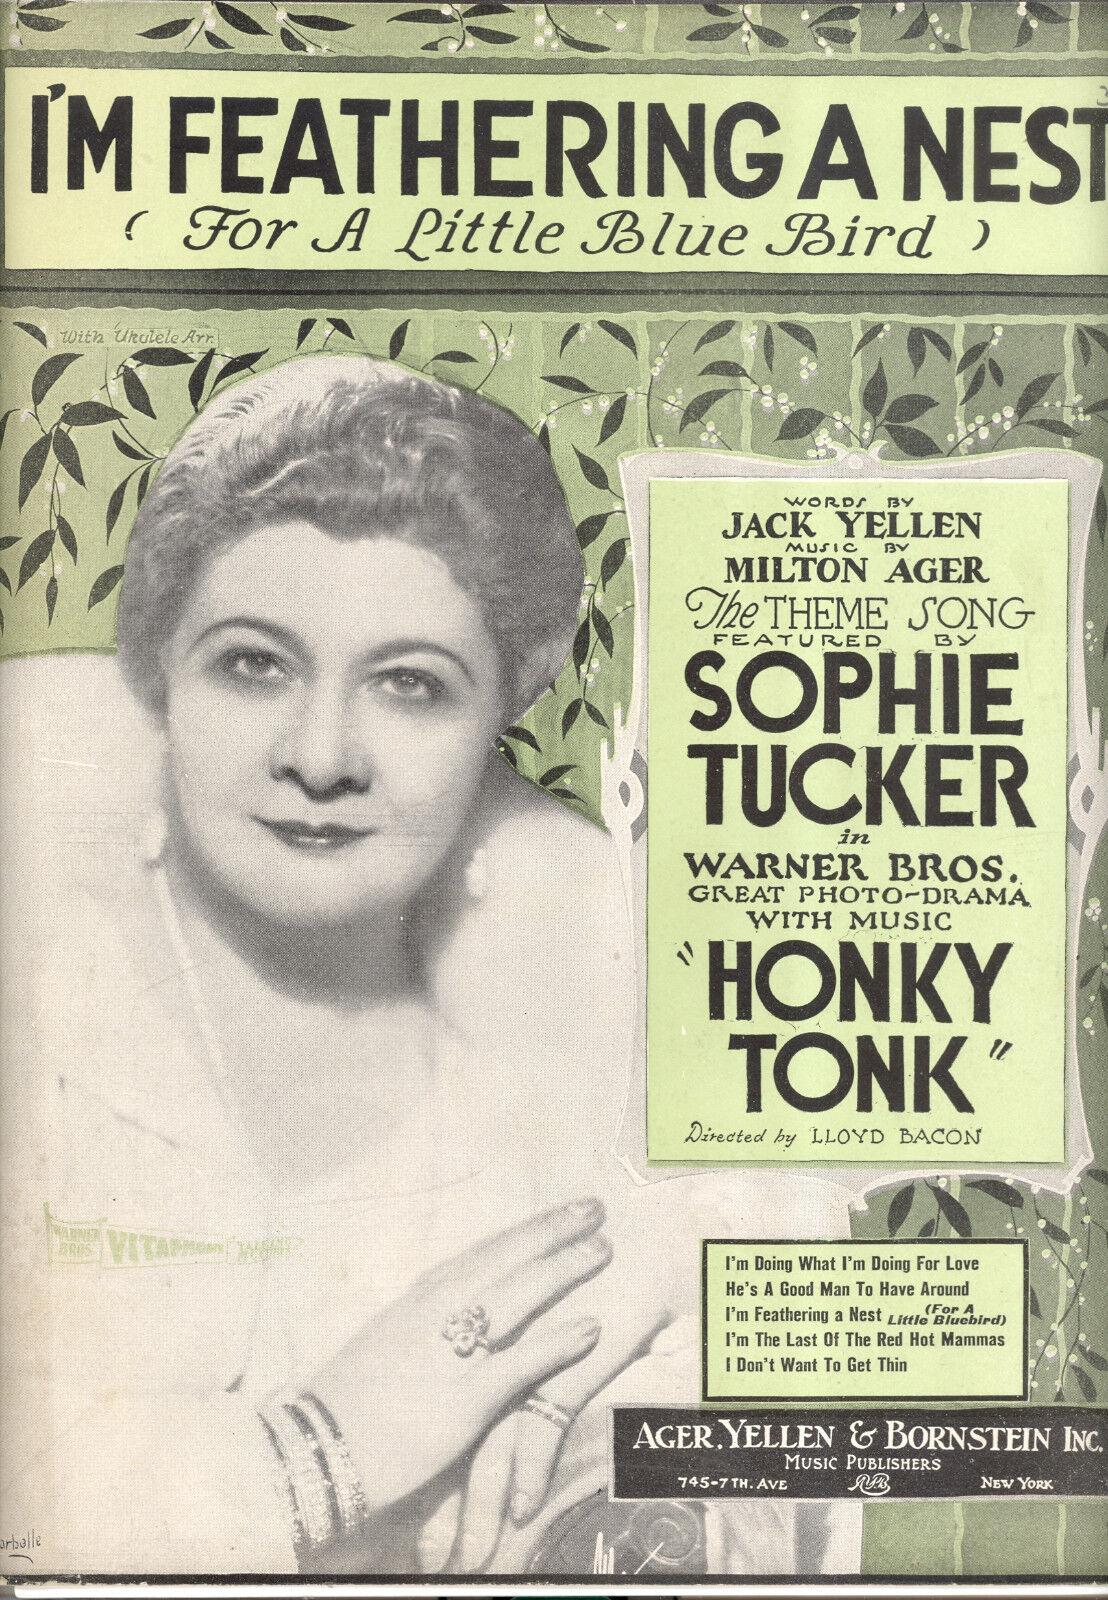 Nasal Tonk partituras    Estoy de variación de paso un nido  Sophie Tucker  orden ahora con gran descuento y entrega gratuita